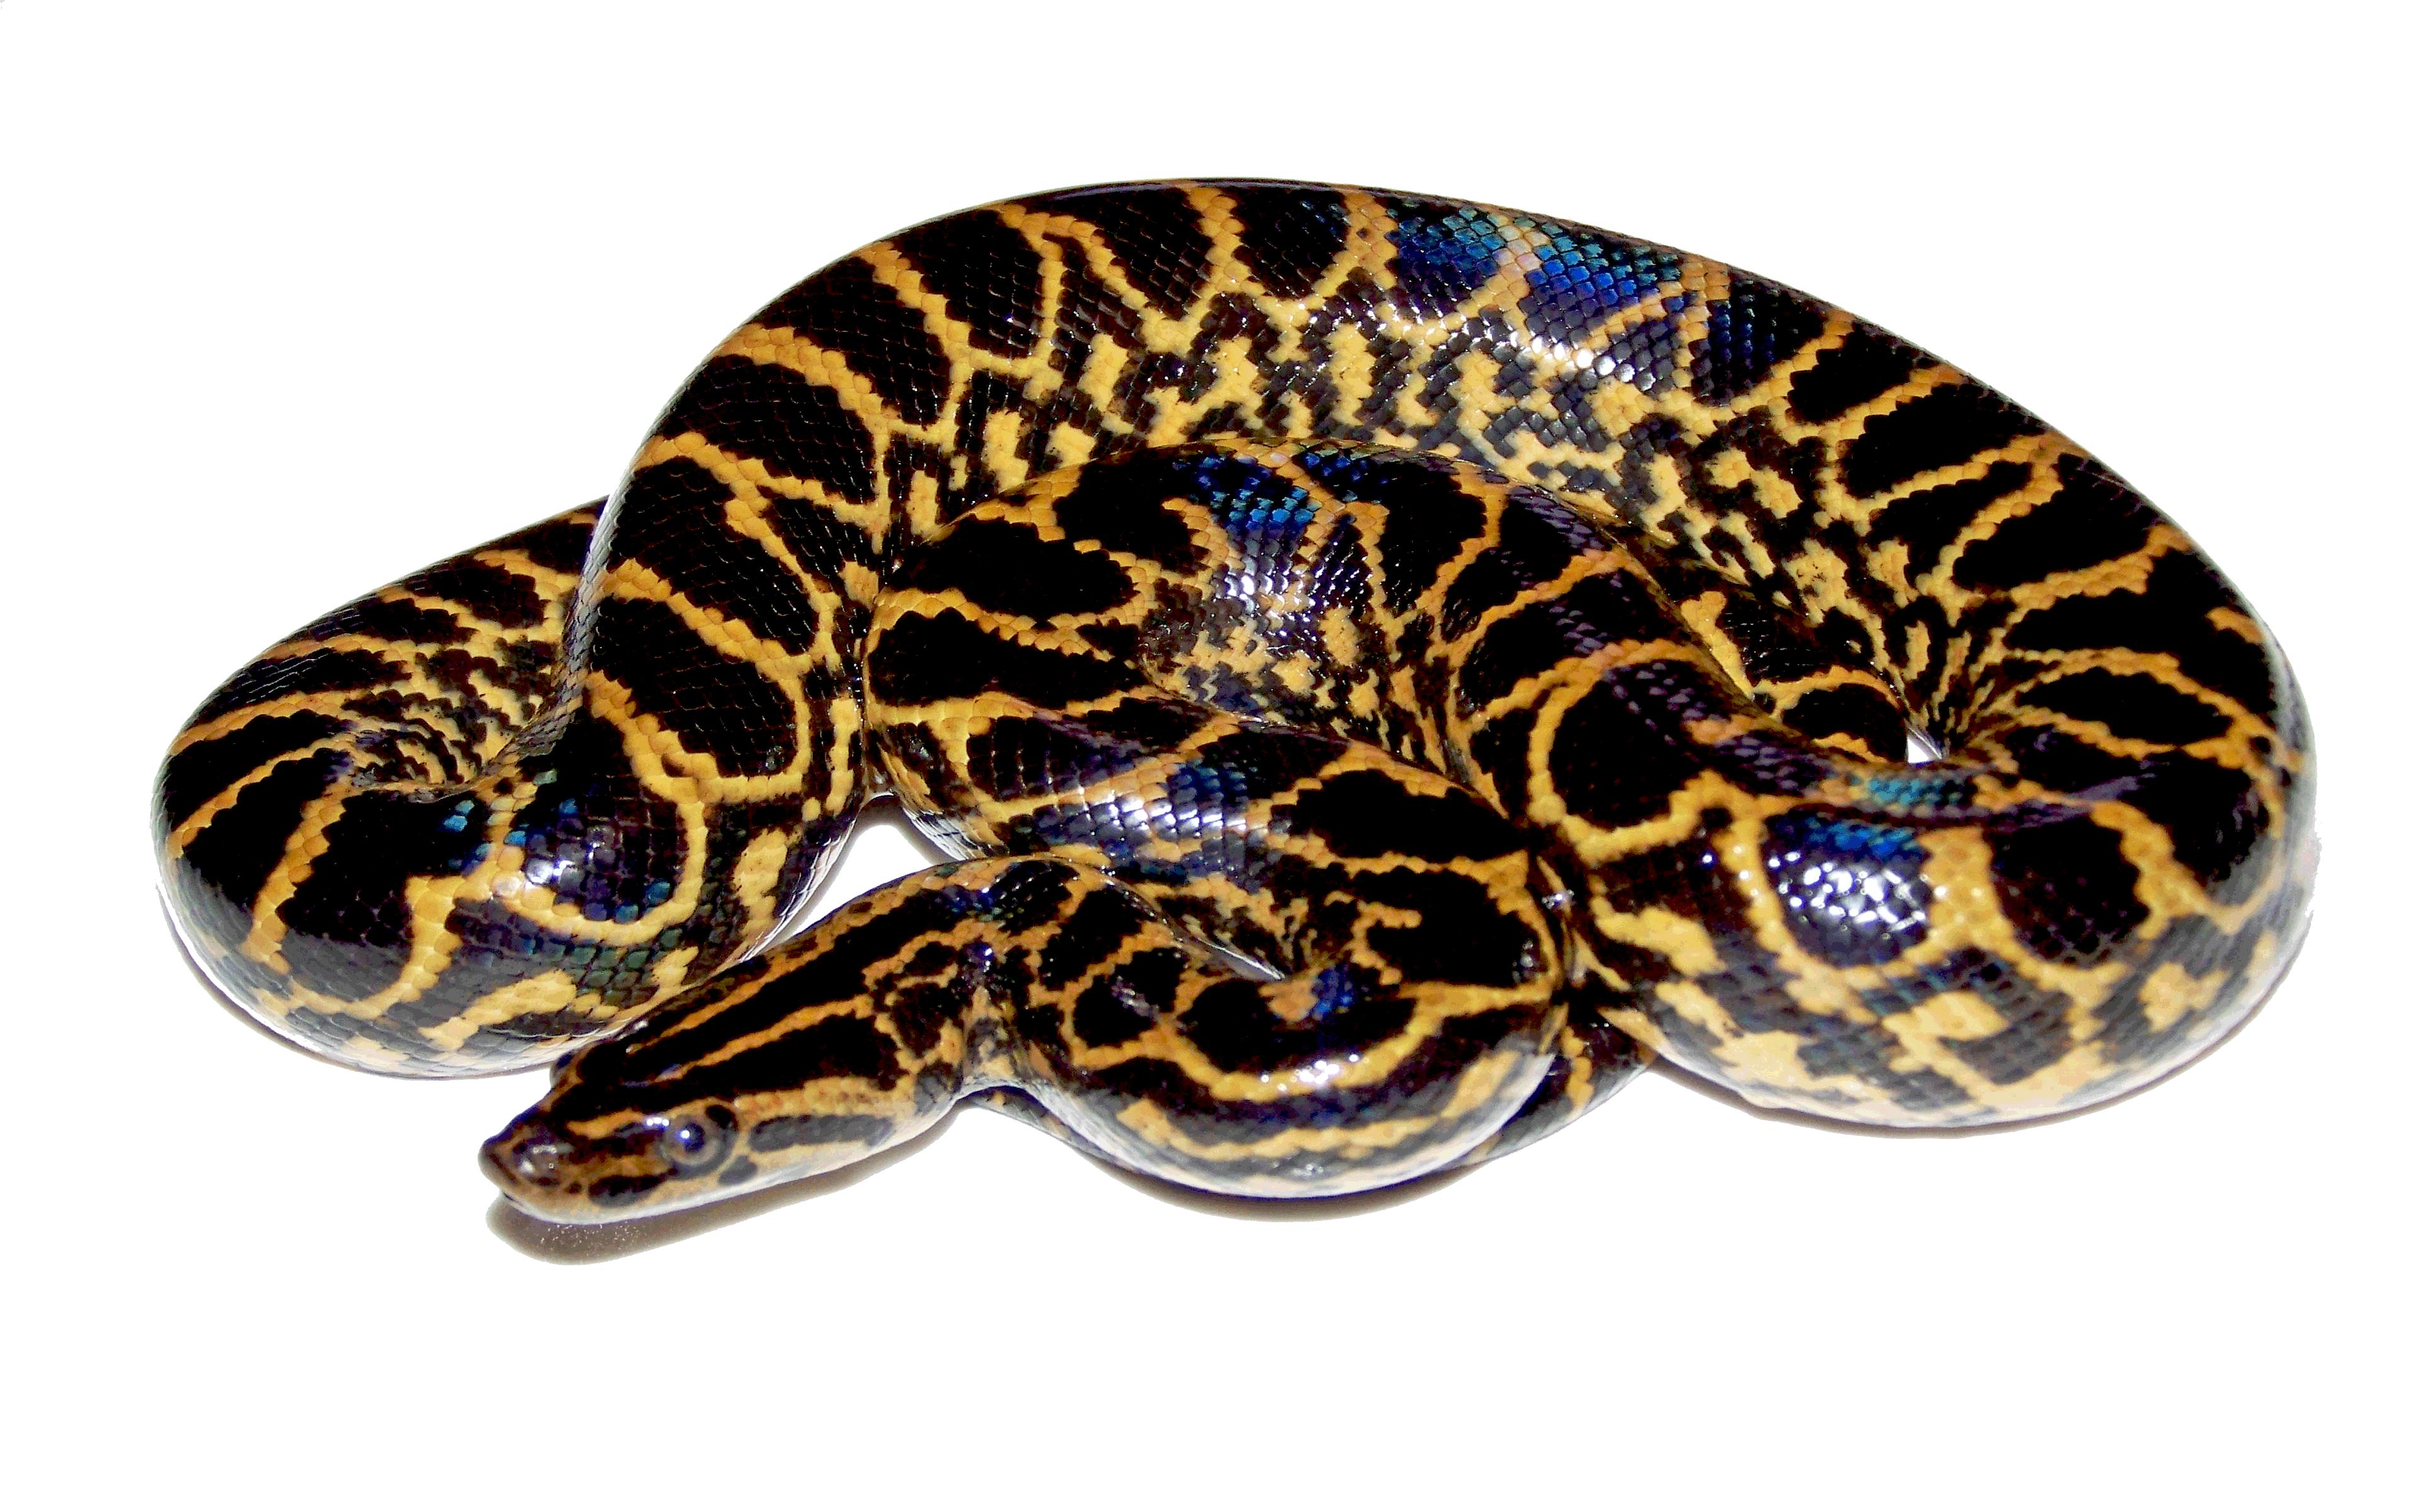 Anaconda PNG - 27321